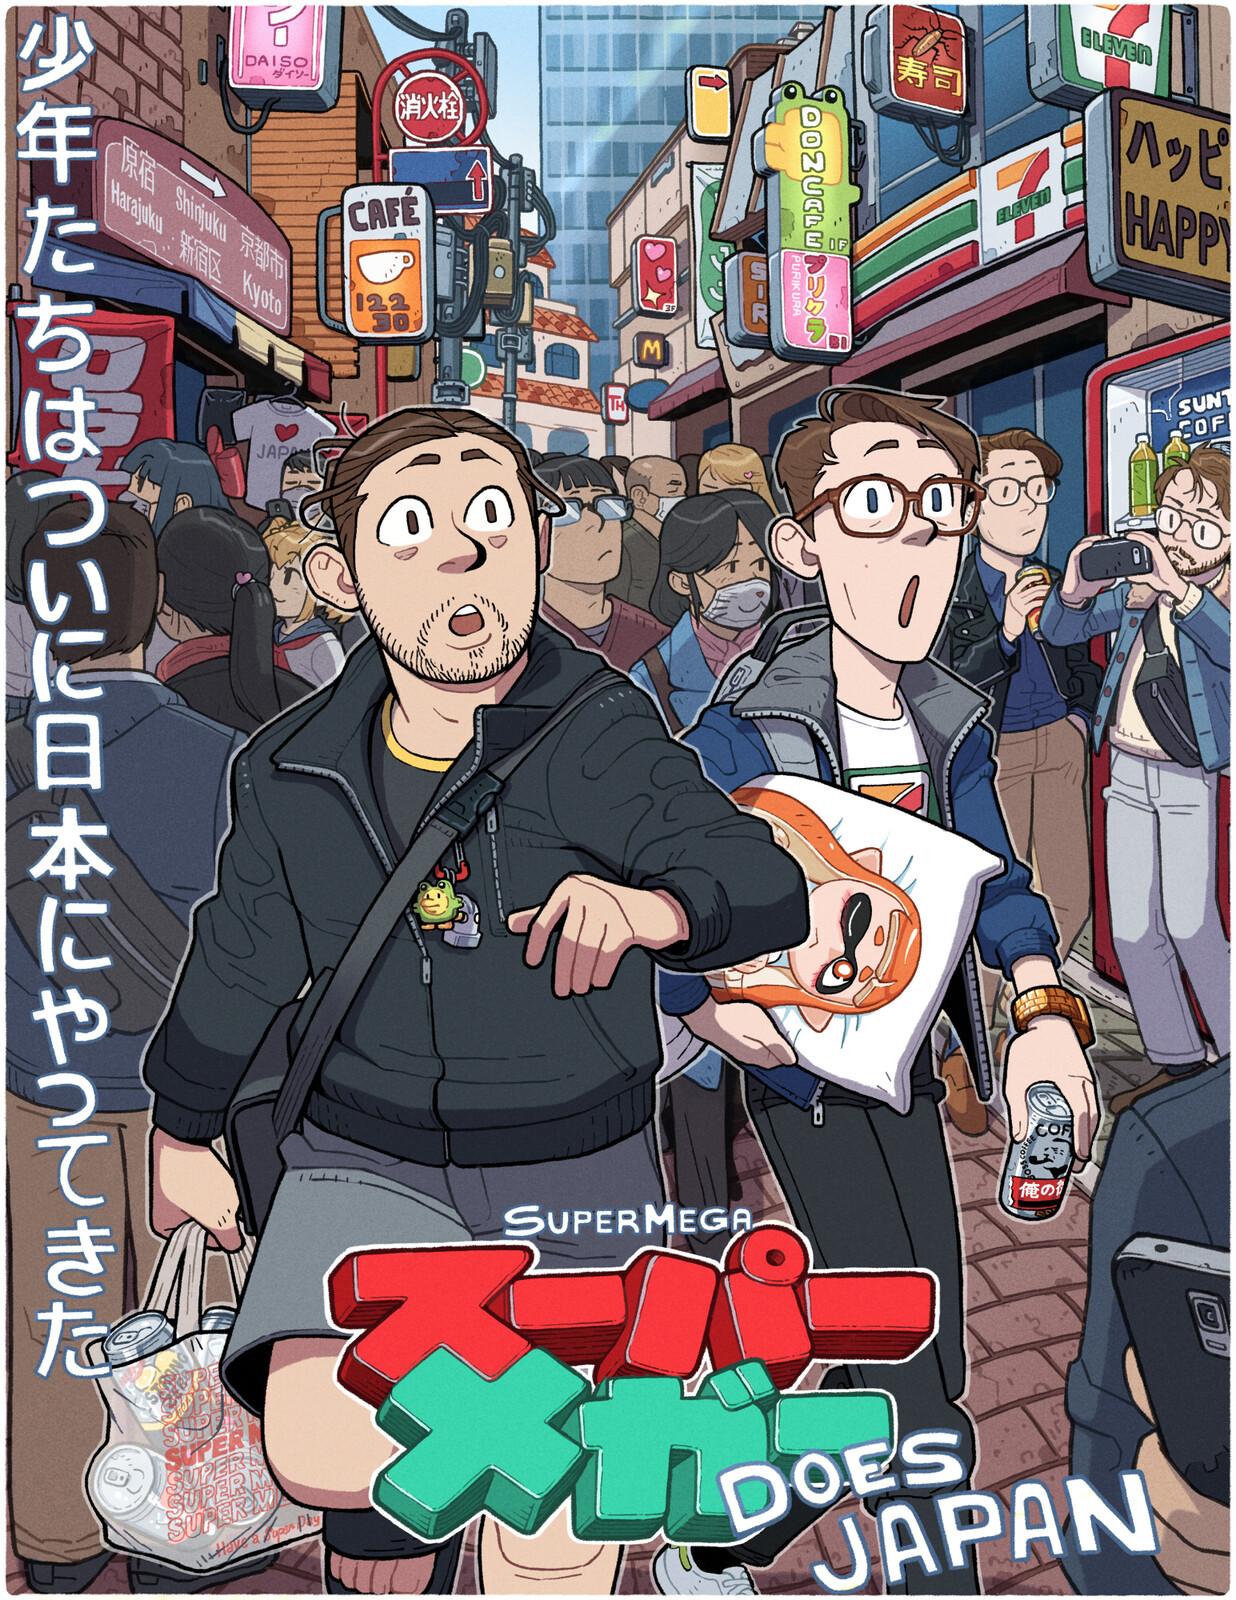 SuperMega - Japan / FAN-ART